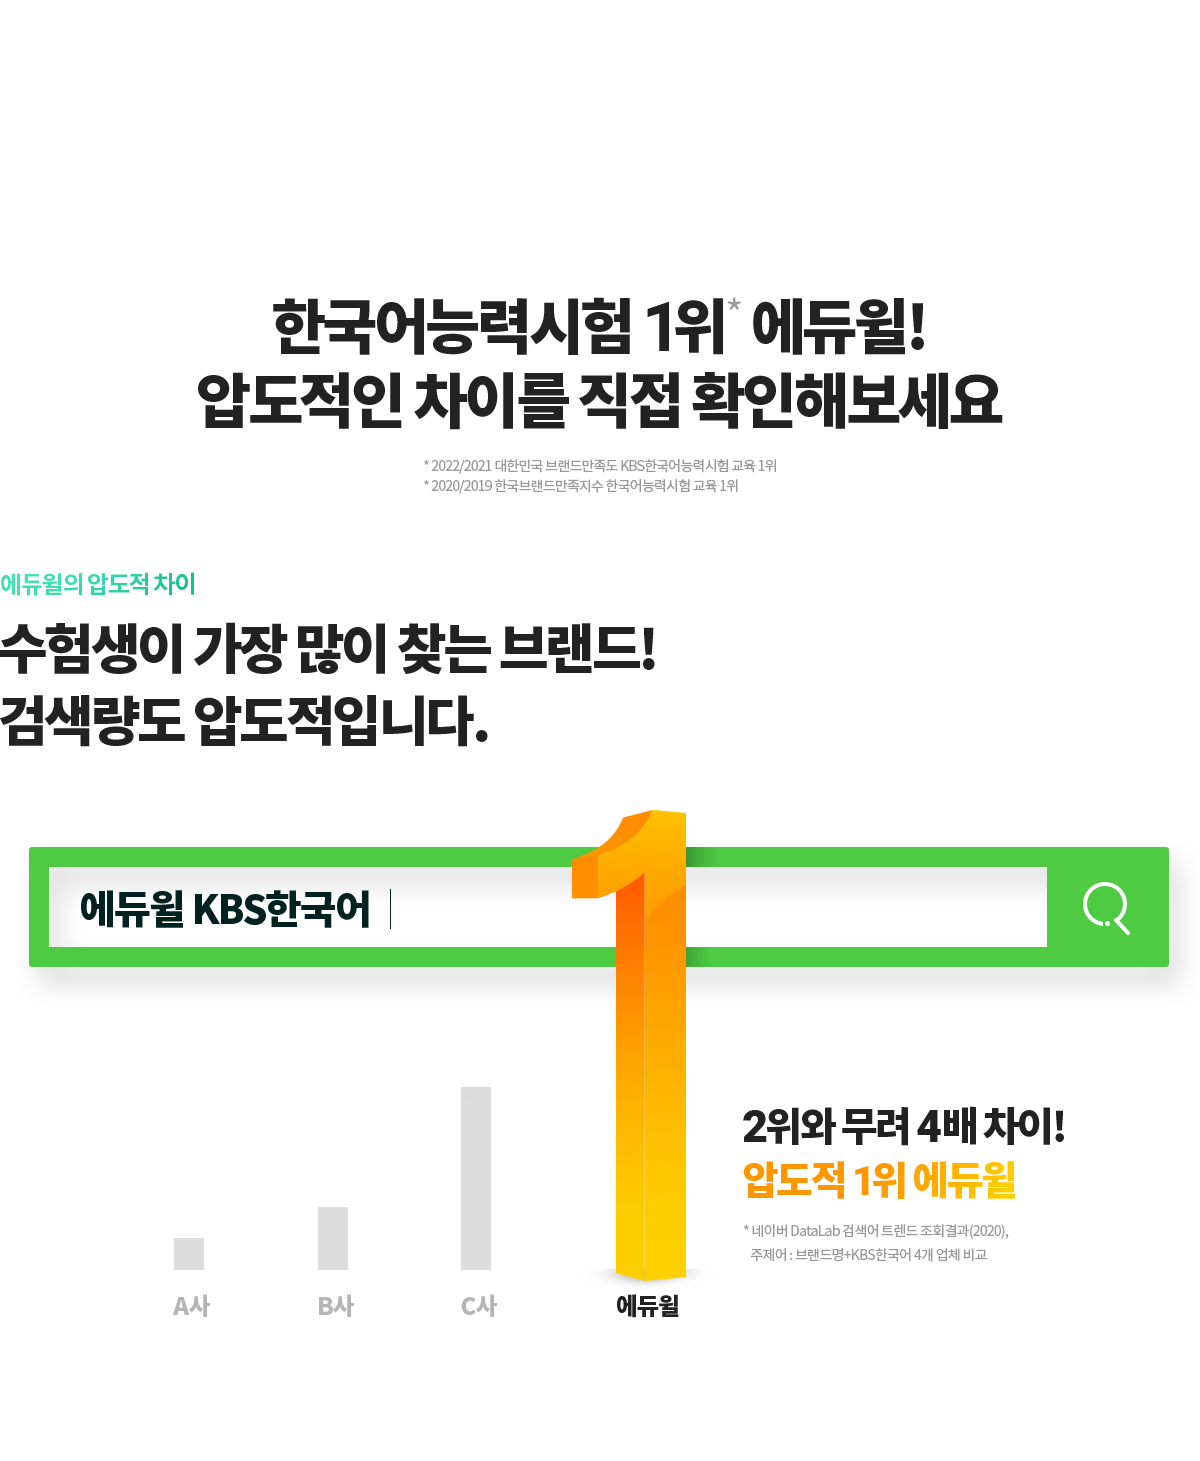 한국어능력시헙 1위 에듀윌 압도적인 차이를 직접 확인해보세요